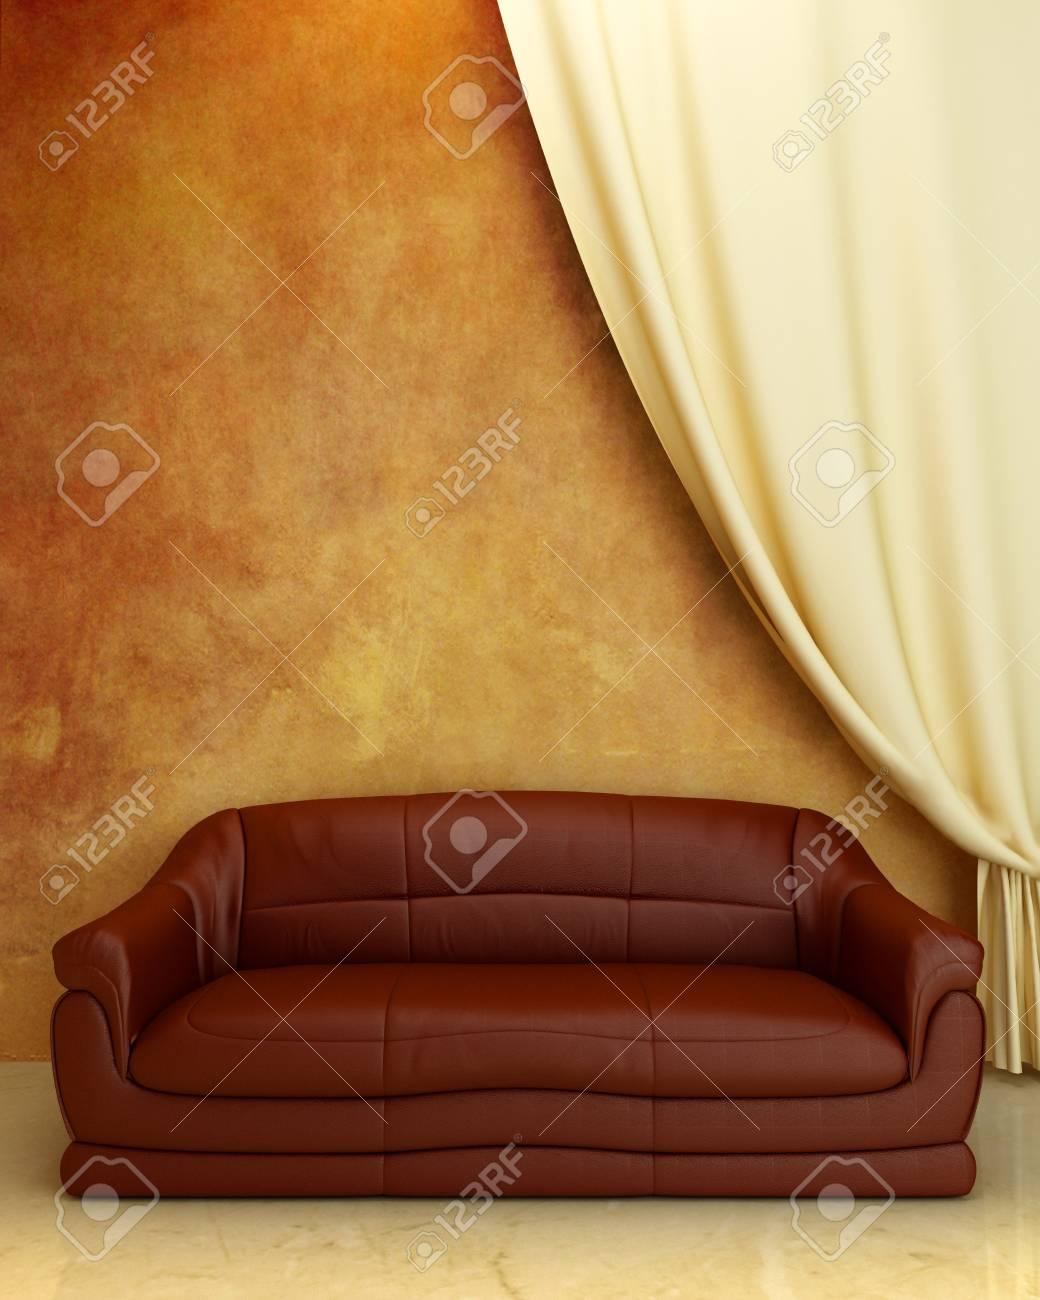 Comfortabele Leren Bank.Interior Comfortabele Lederen Bankstel En Gordijn Op Geruineerd Muur